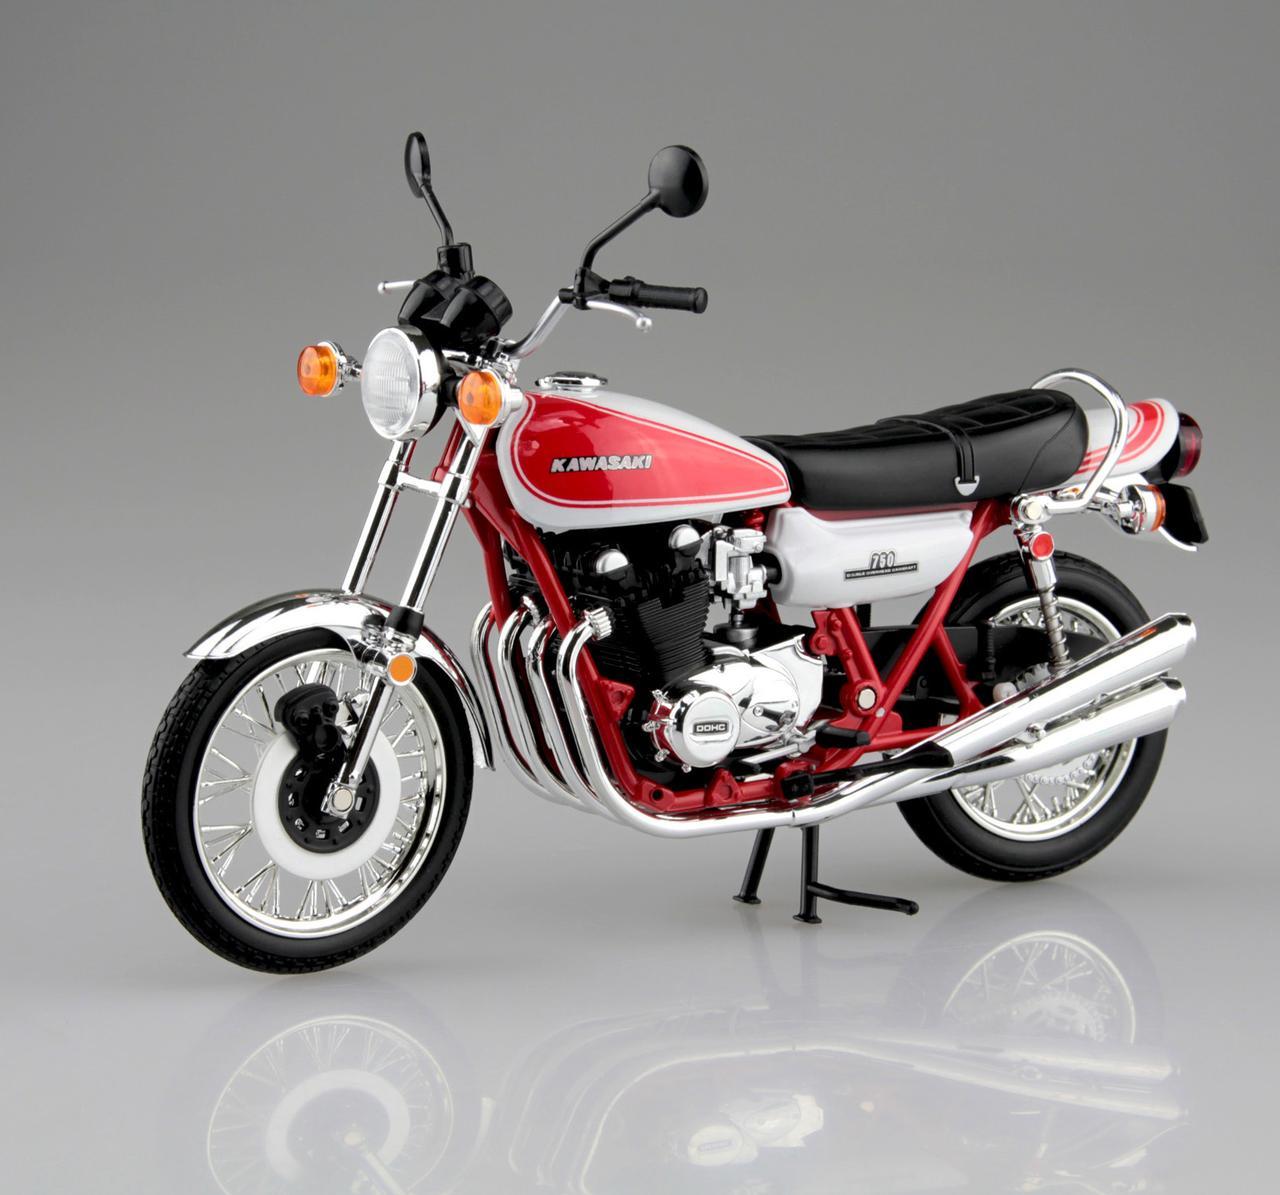 画像5: 1/12 完成品バイク KAWASAKI 750RS(Z2) 赤白カラー